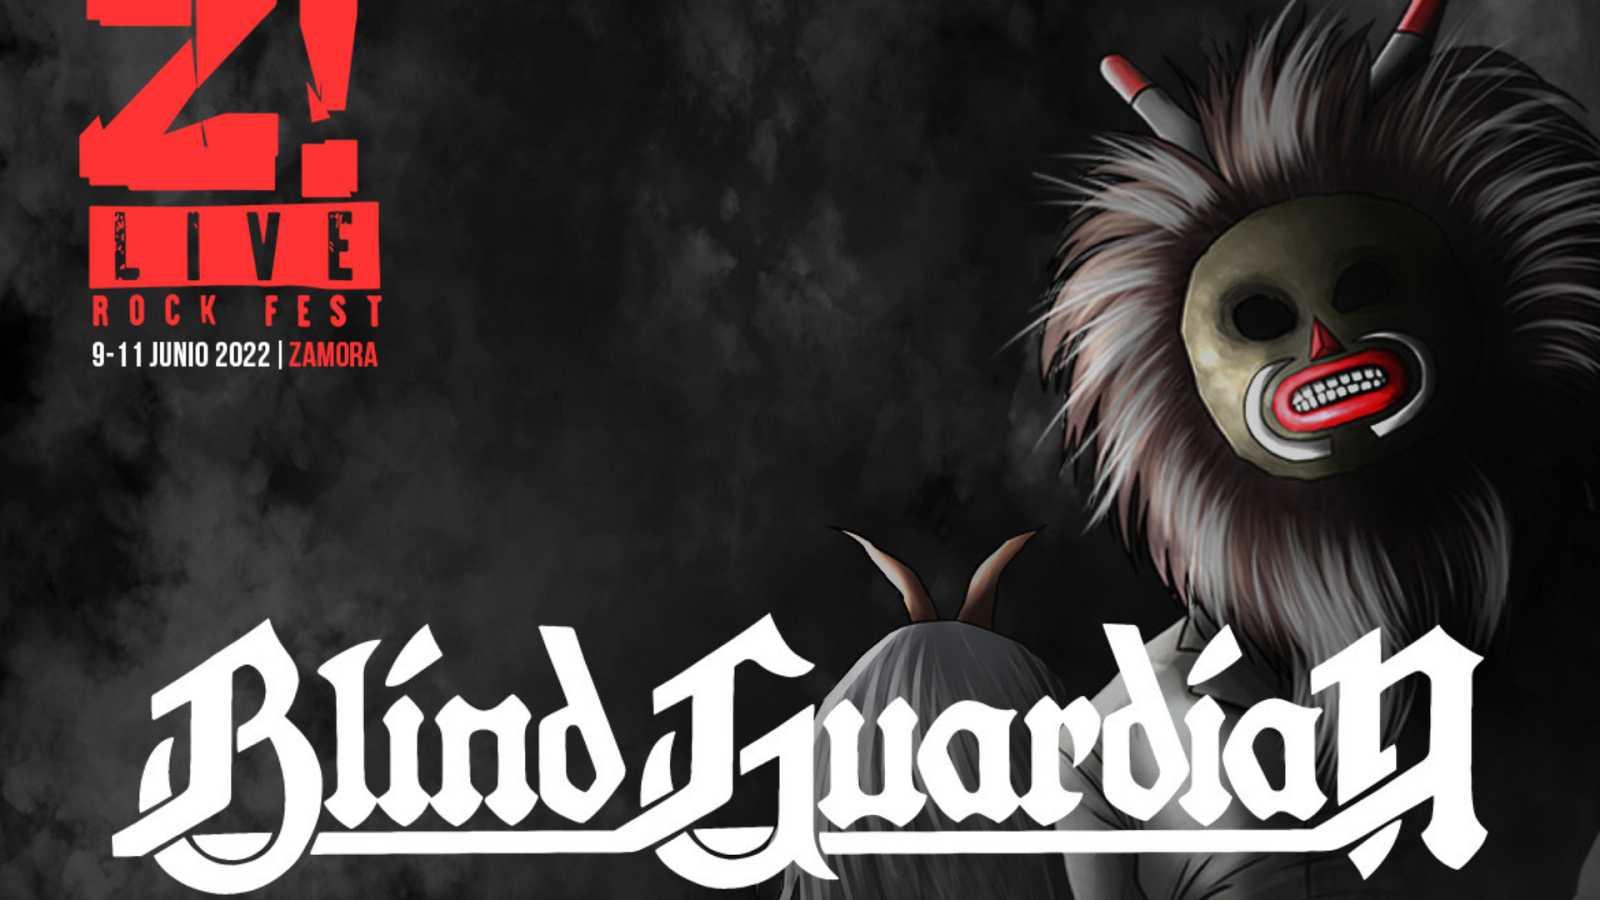 El Vuelo del Fénix - Actualizando el Z Live Rock Fest - 13/05/21 - escuchar ahora